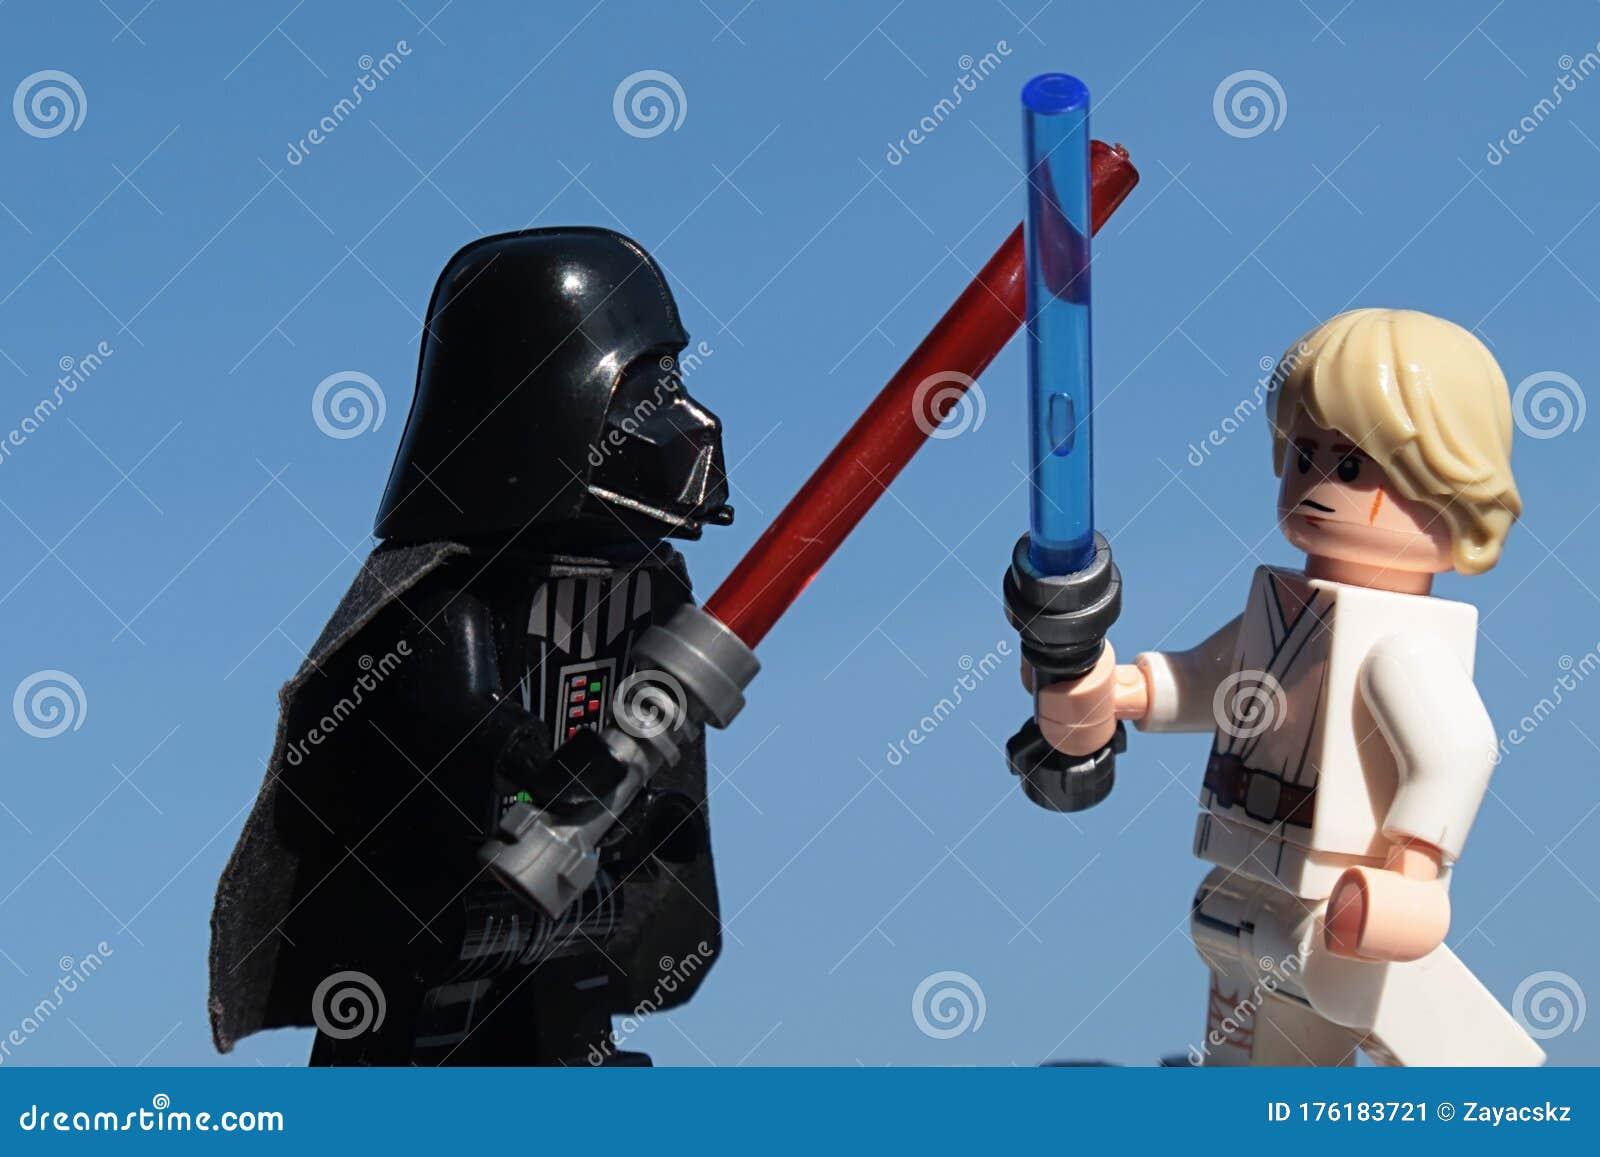 lego star wars figures luke skywalker darth vader fighting lightsabers blue skies background morning sunshine 176183721